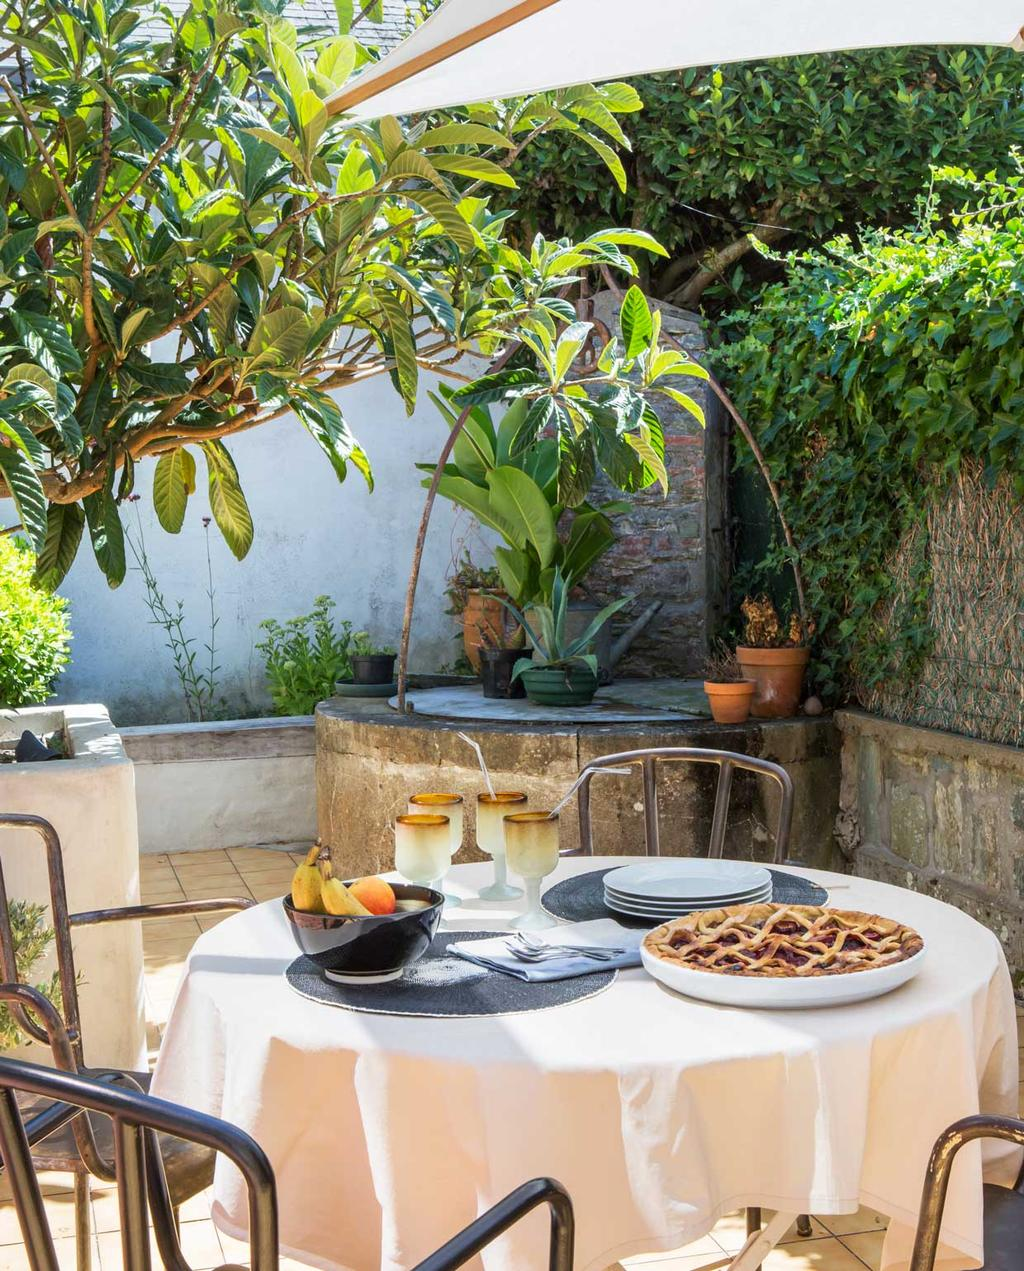 vtwonen binnenkijken special 07-2021 | binnenkijken in een vissershuis | terras met gedekte tafel met wit tafelkleed, metalen stoelen, een witte parasol en veel kleine bomen